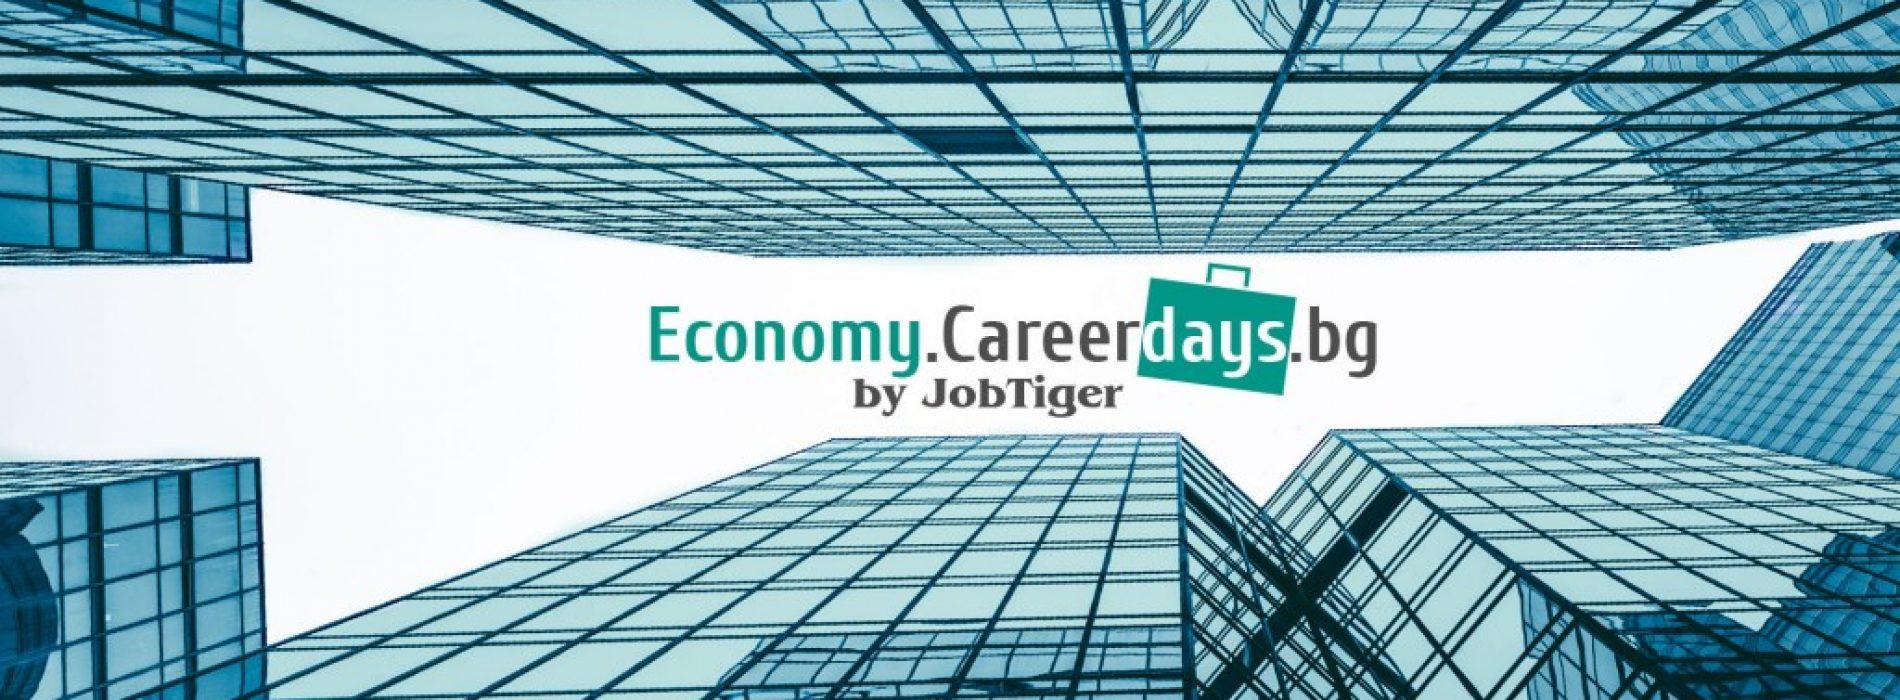 """83 работодатели и 6000 посетители на """"Дни на кариерата"""" в секторите Икономика, Финанси, Човешки ресурси, Маркетинг и Обслужване на клиенти"""